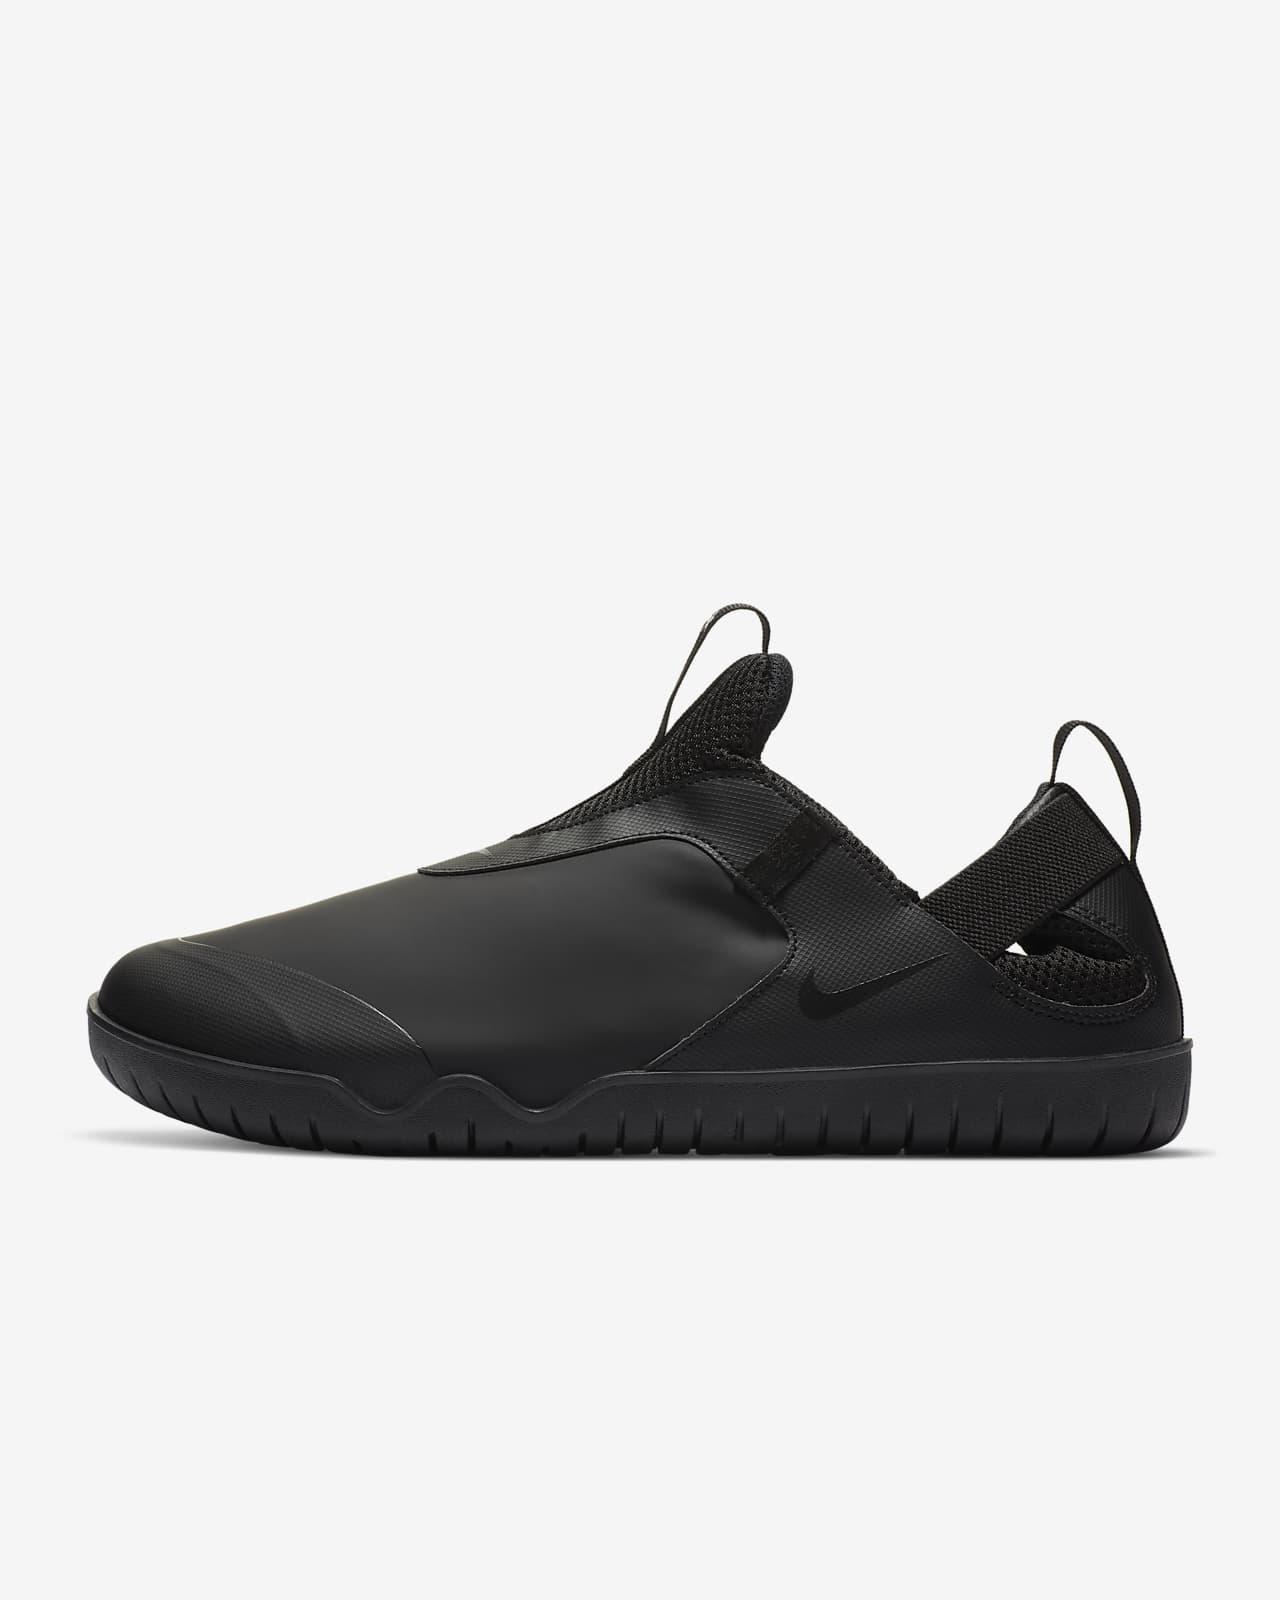 Παπούτσι Nike Air Zoom Pulse